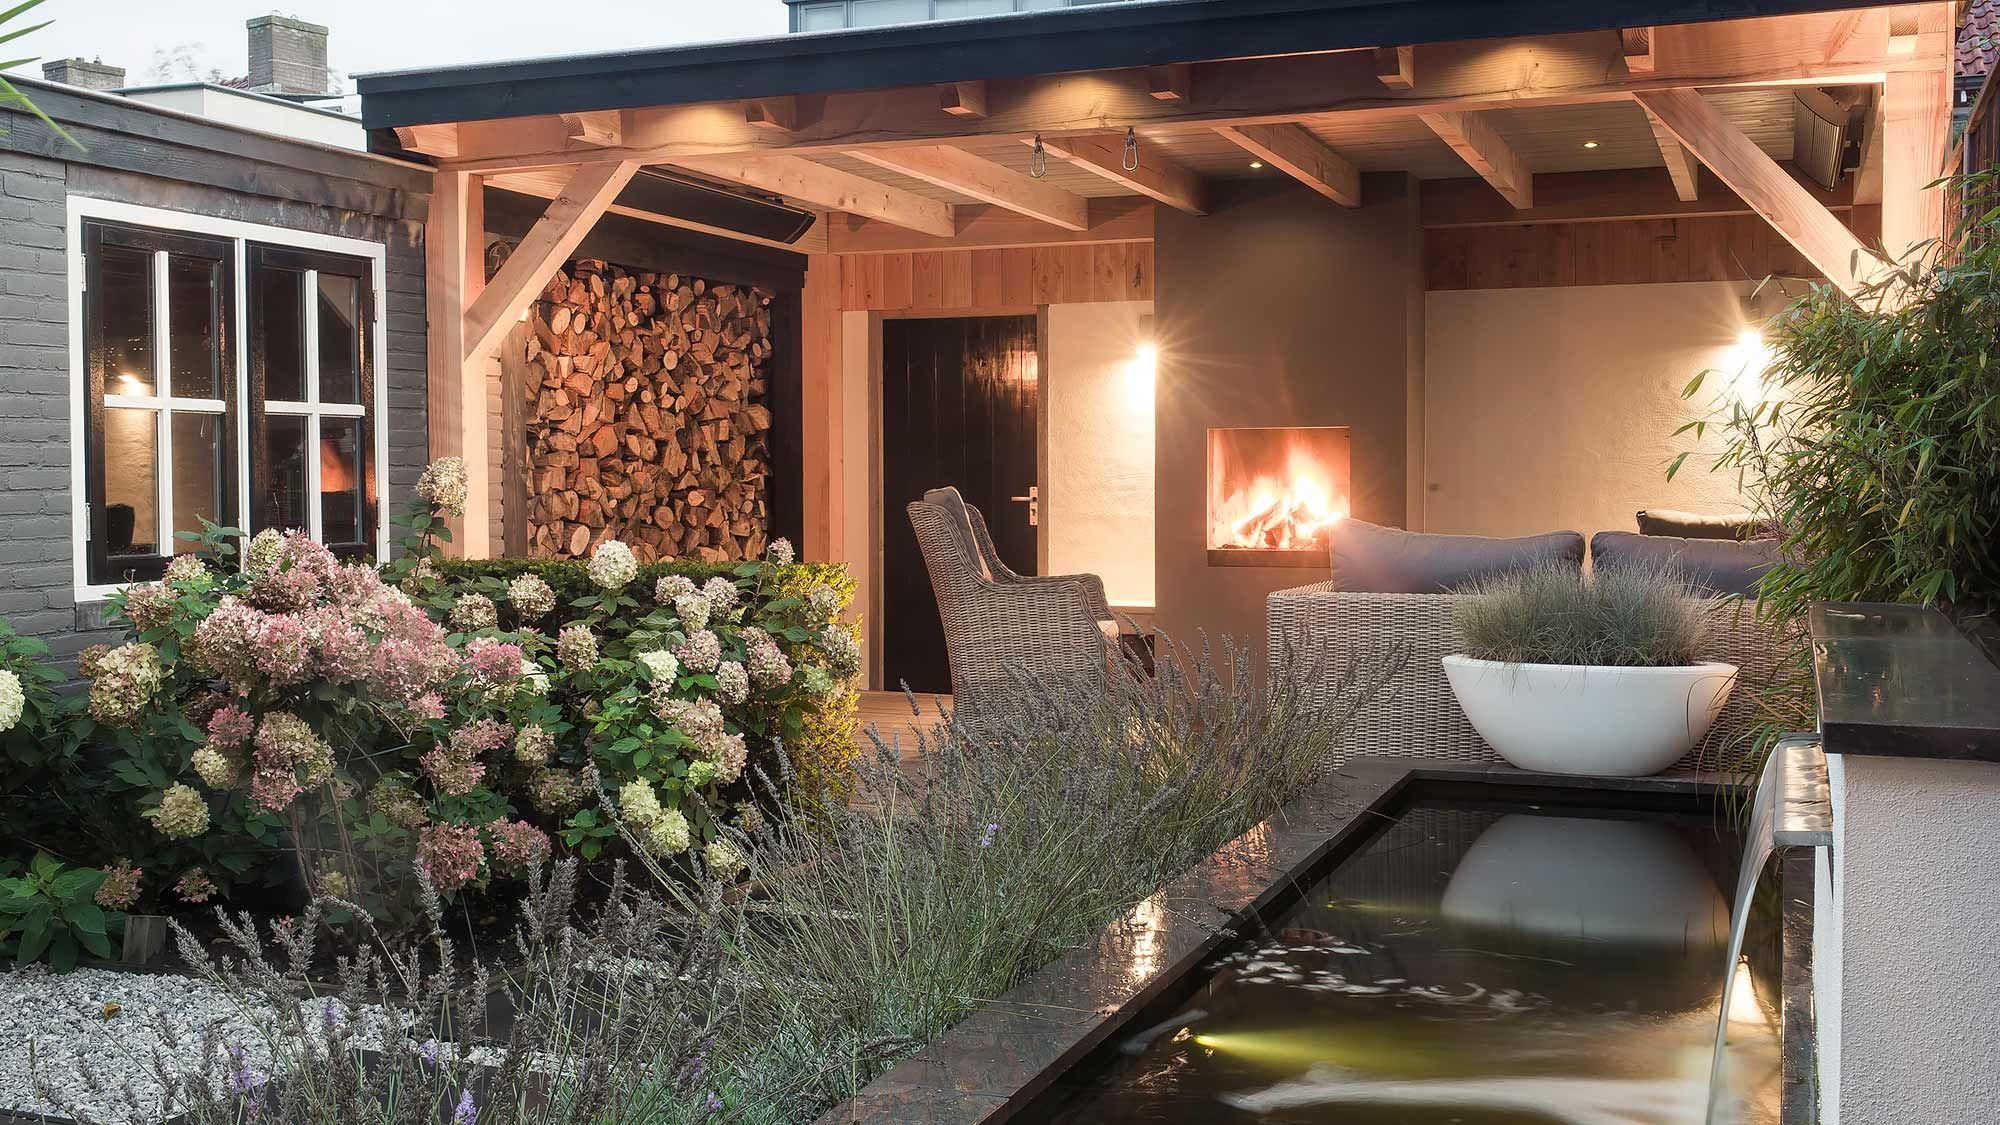 Bekend buitenpracht-houten-veranda-openhaard-houtopslag (8) | Veranda  &ED01